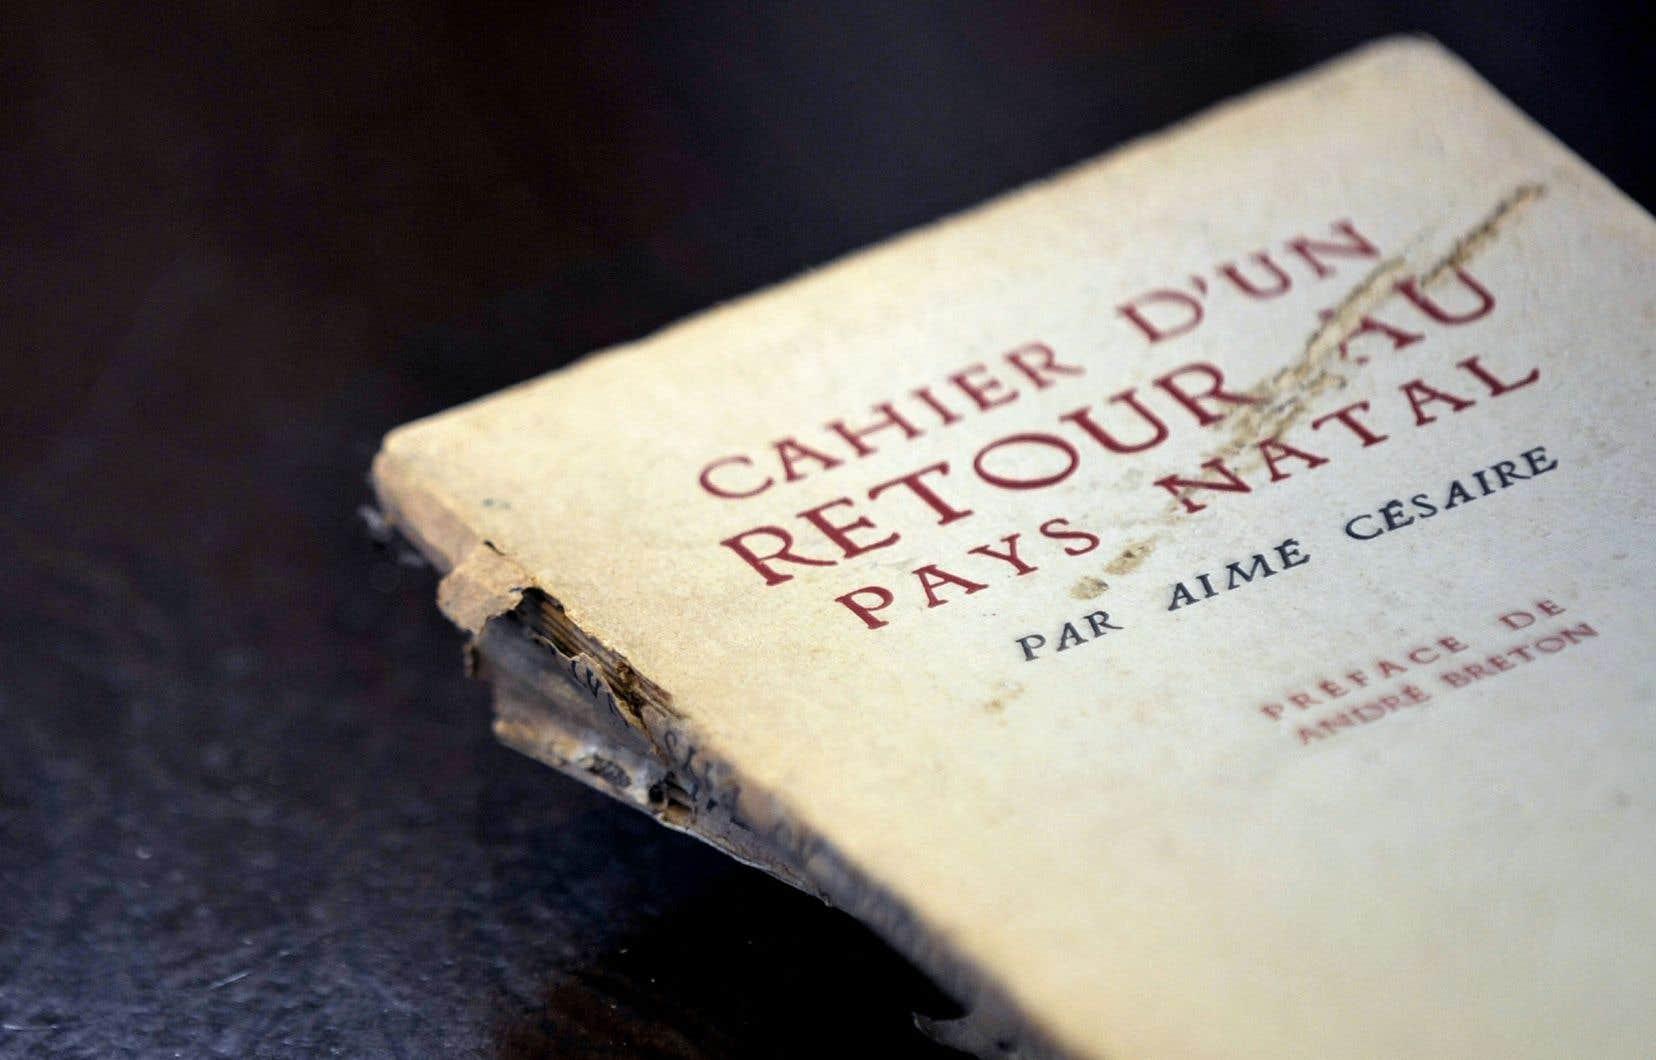 «Un grand poète comme Césaire assume ces étiquettes infamantes et cette injure maudite pour mieux dire sa révolte et pour se redresser dans sa dignité, avec tous ceux de sa race», écrit l'auteur.